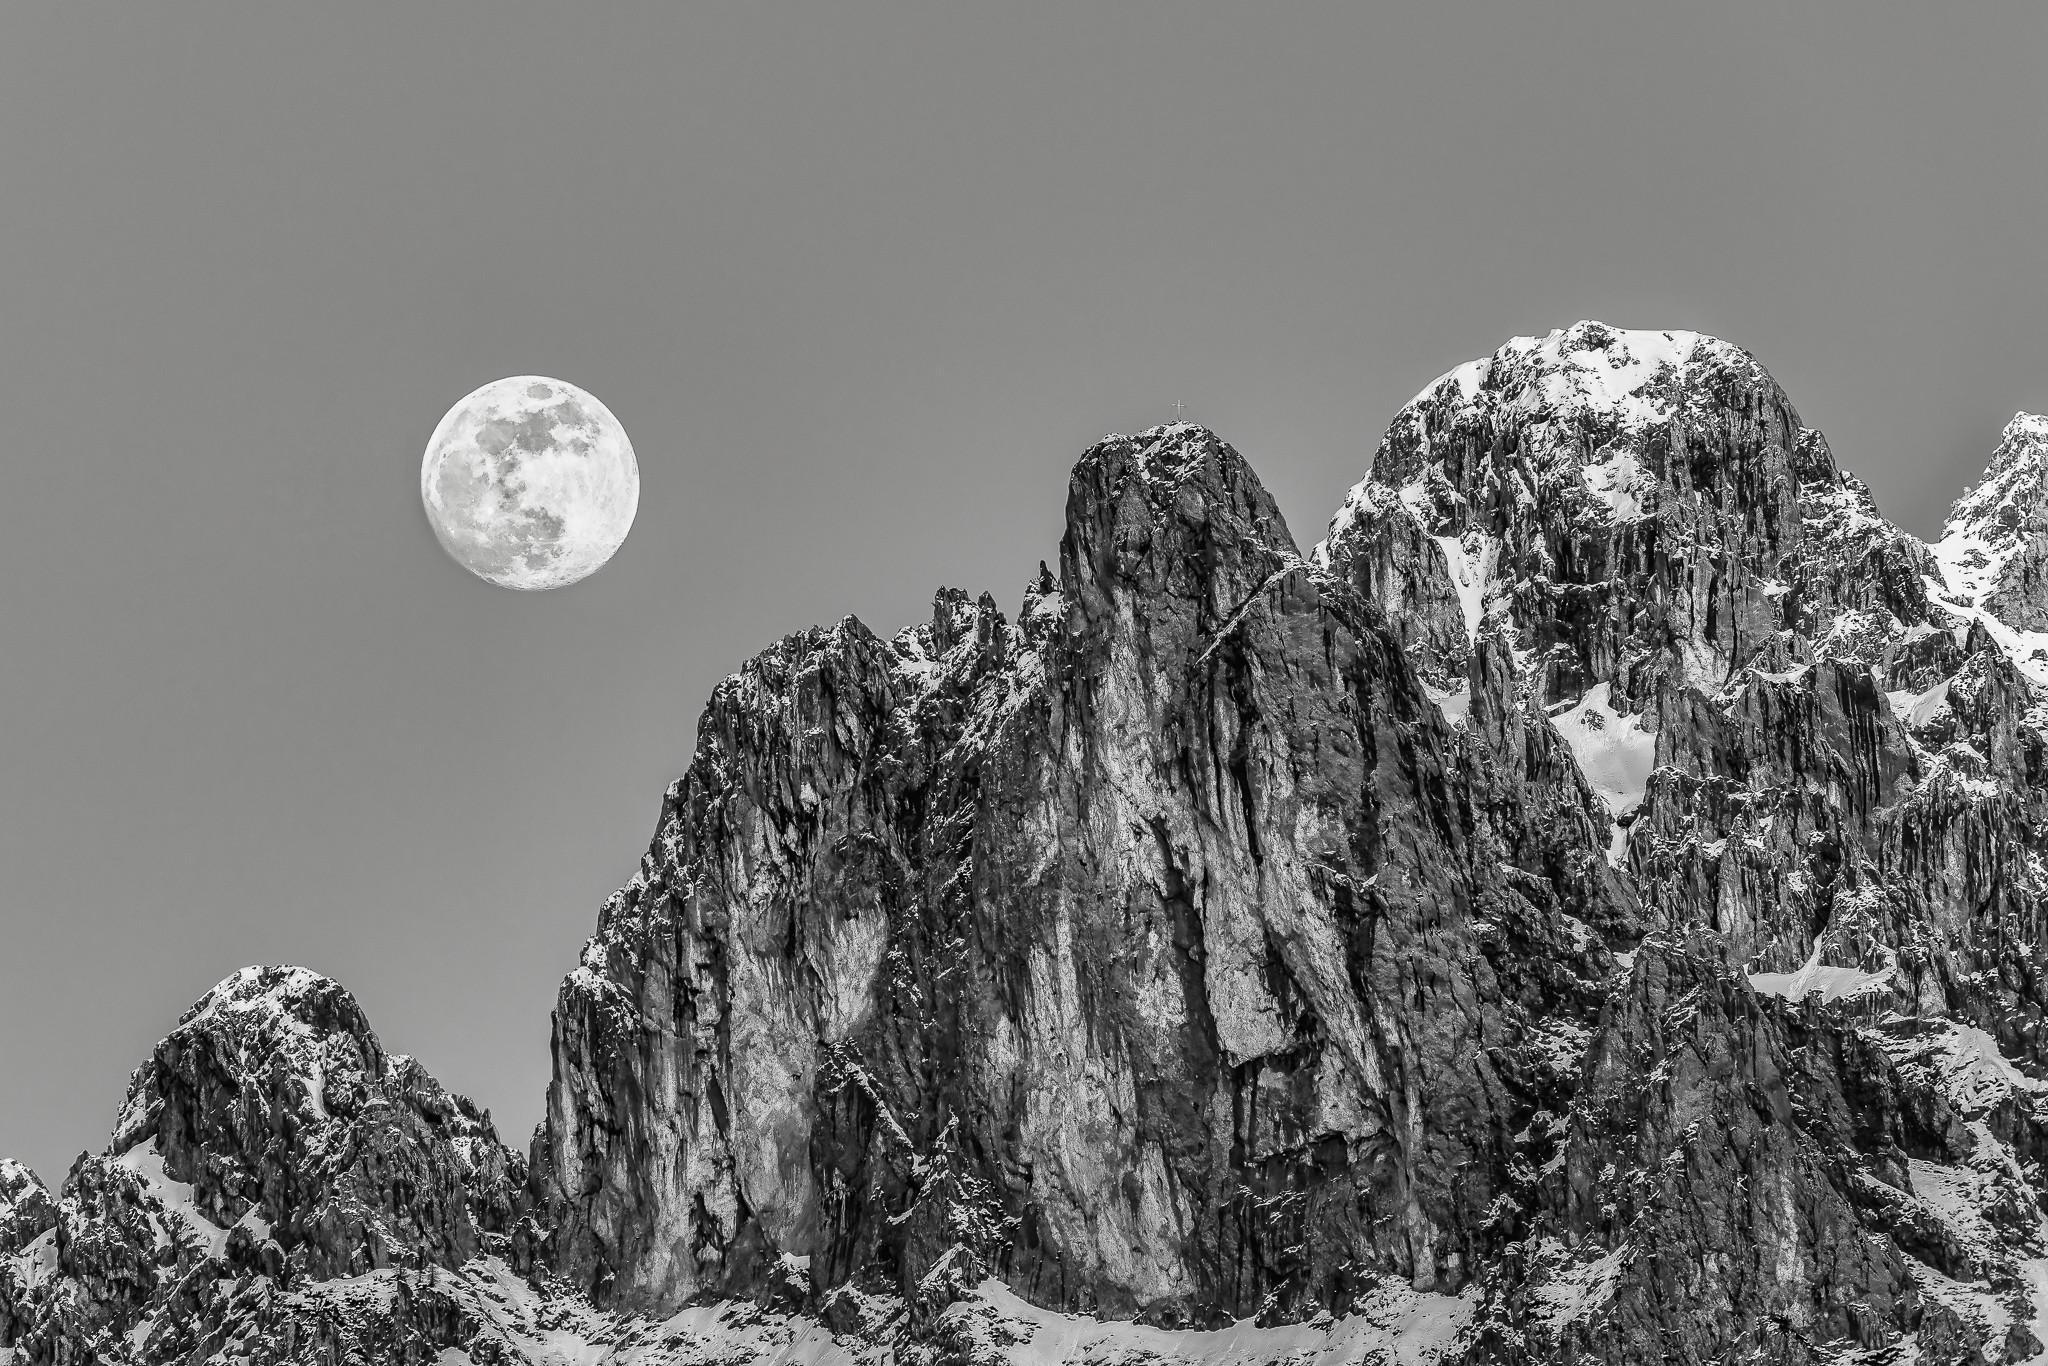 Vierer mit Mond - schwarz weiß, Berg mit Vollmond